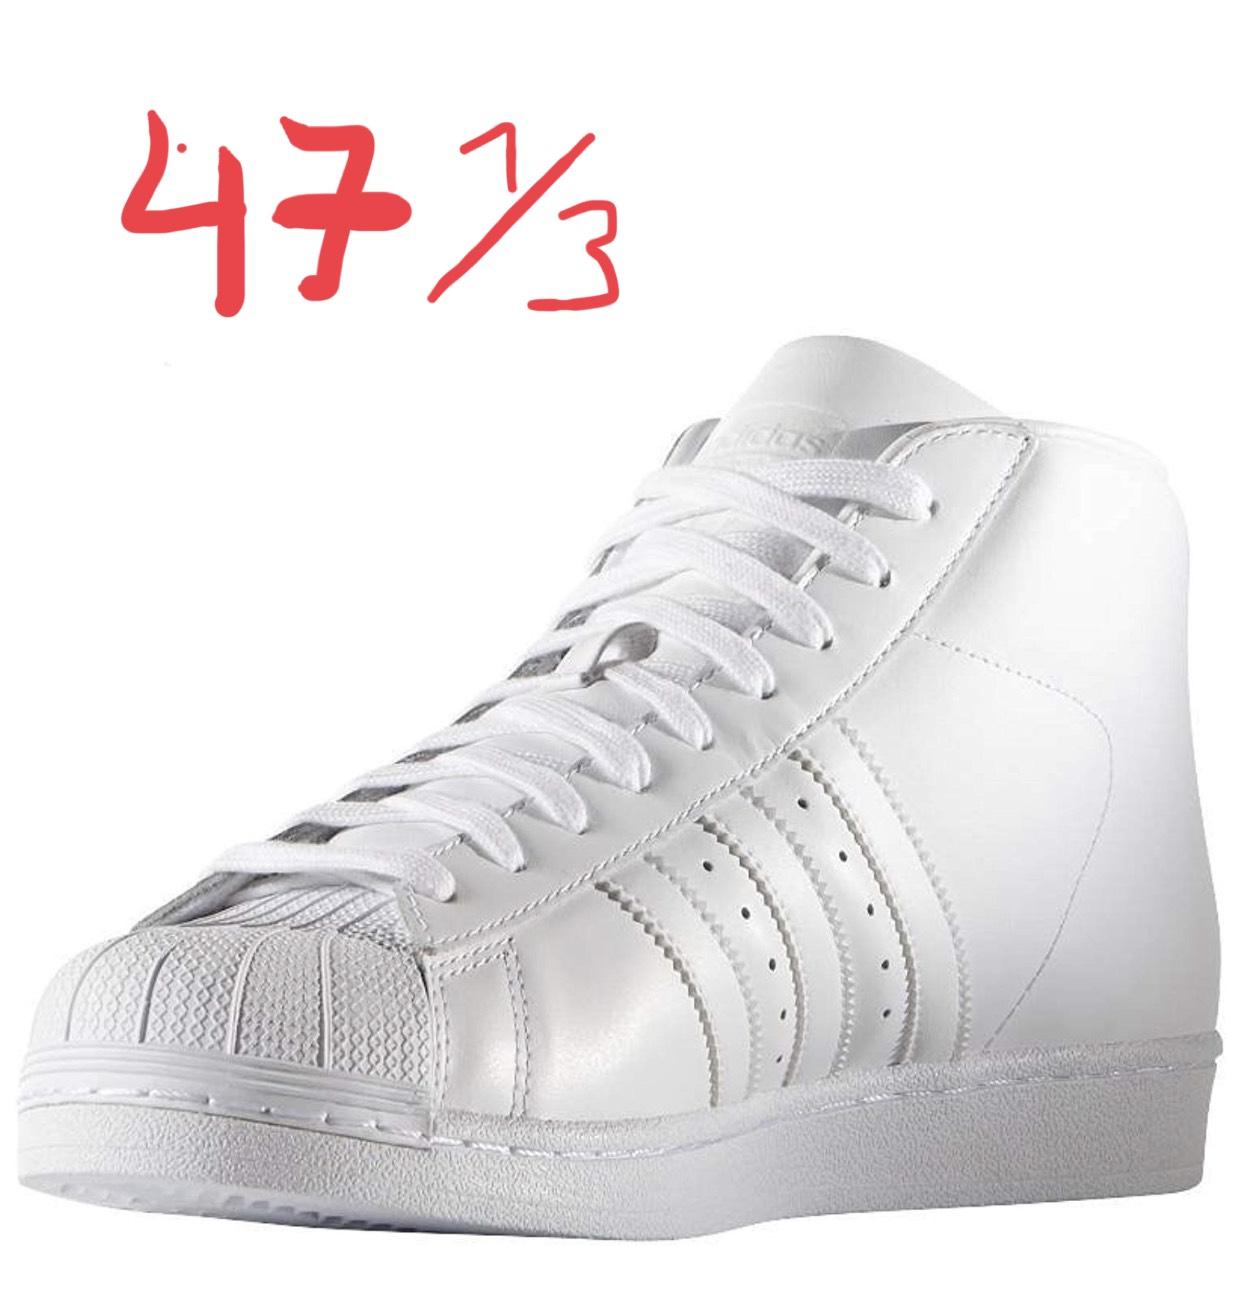 ADIDAS Pro Model 47 1/3, SUPERSTAR Hightop, Herren Sneaker White für 39,90€!